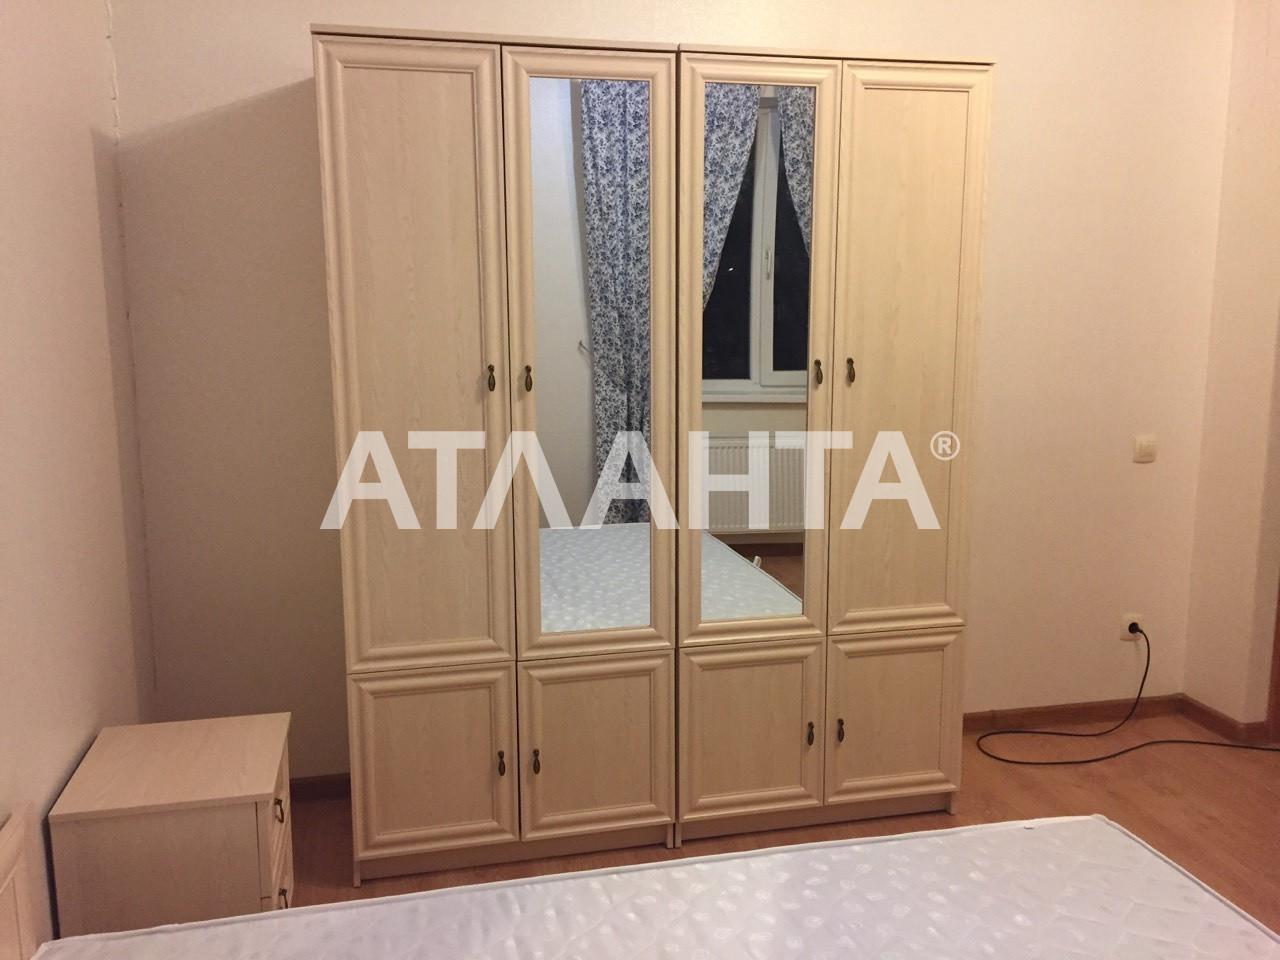 Продается 2-комнатная Квартира на ул. Торговая — 35 000 у.е. (фото №4)